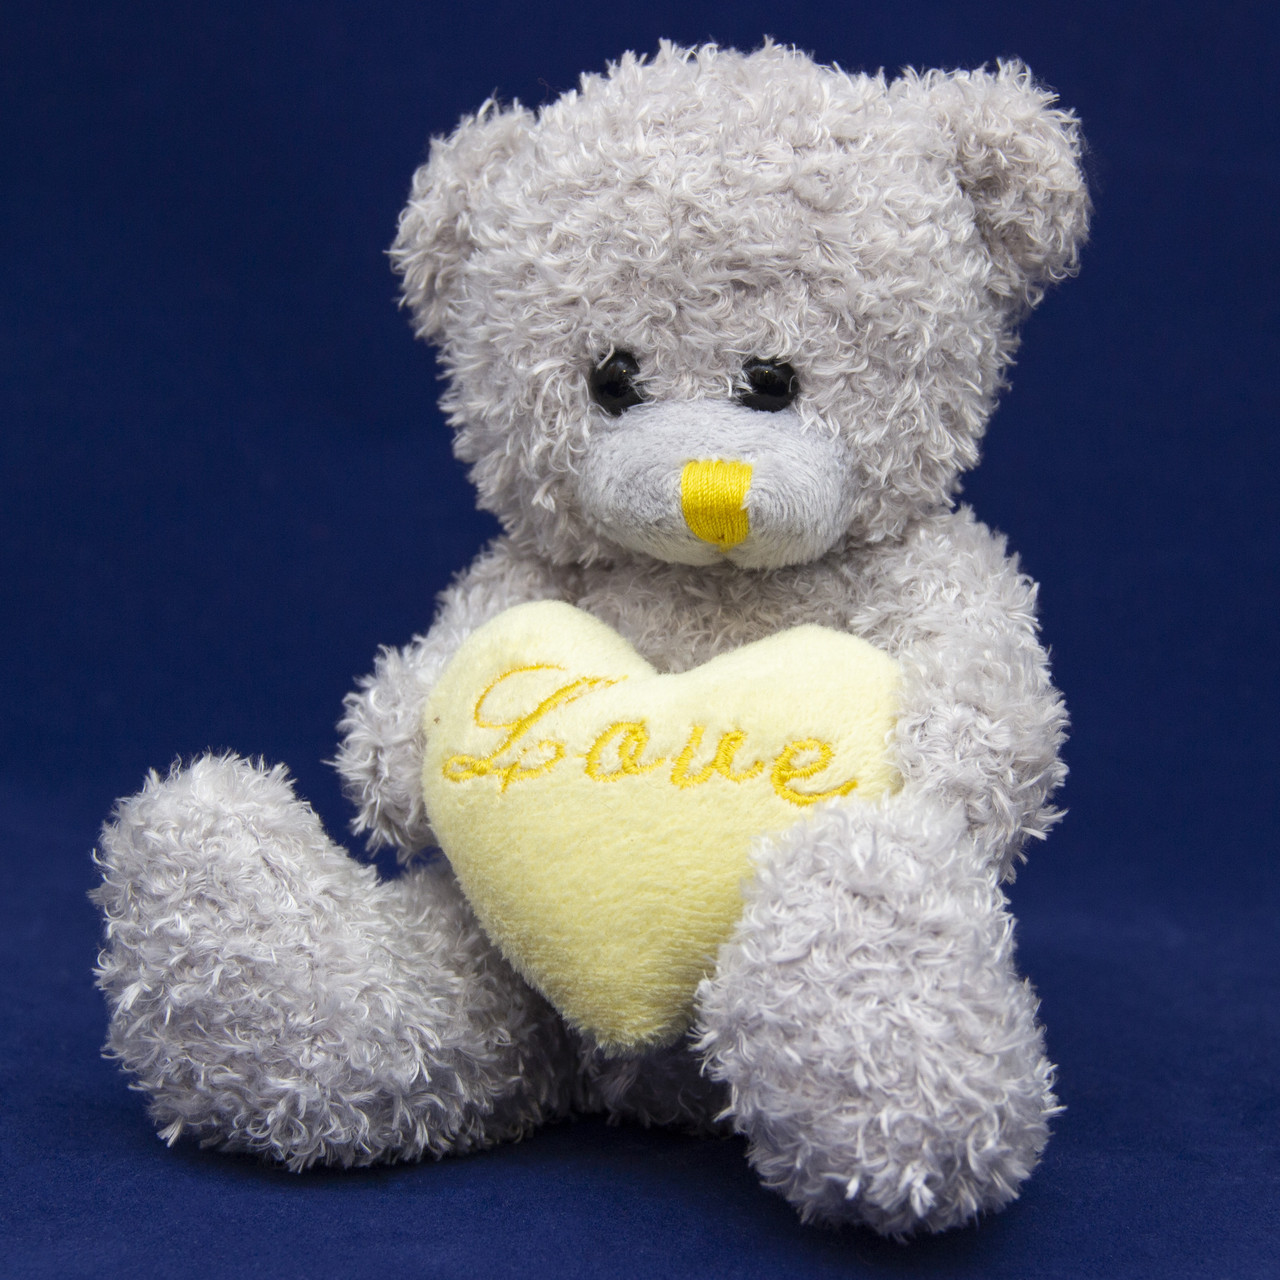 Мишка с сердечком, 15 см (042518)